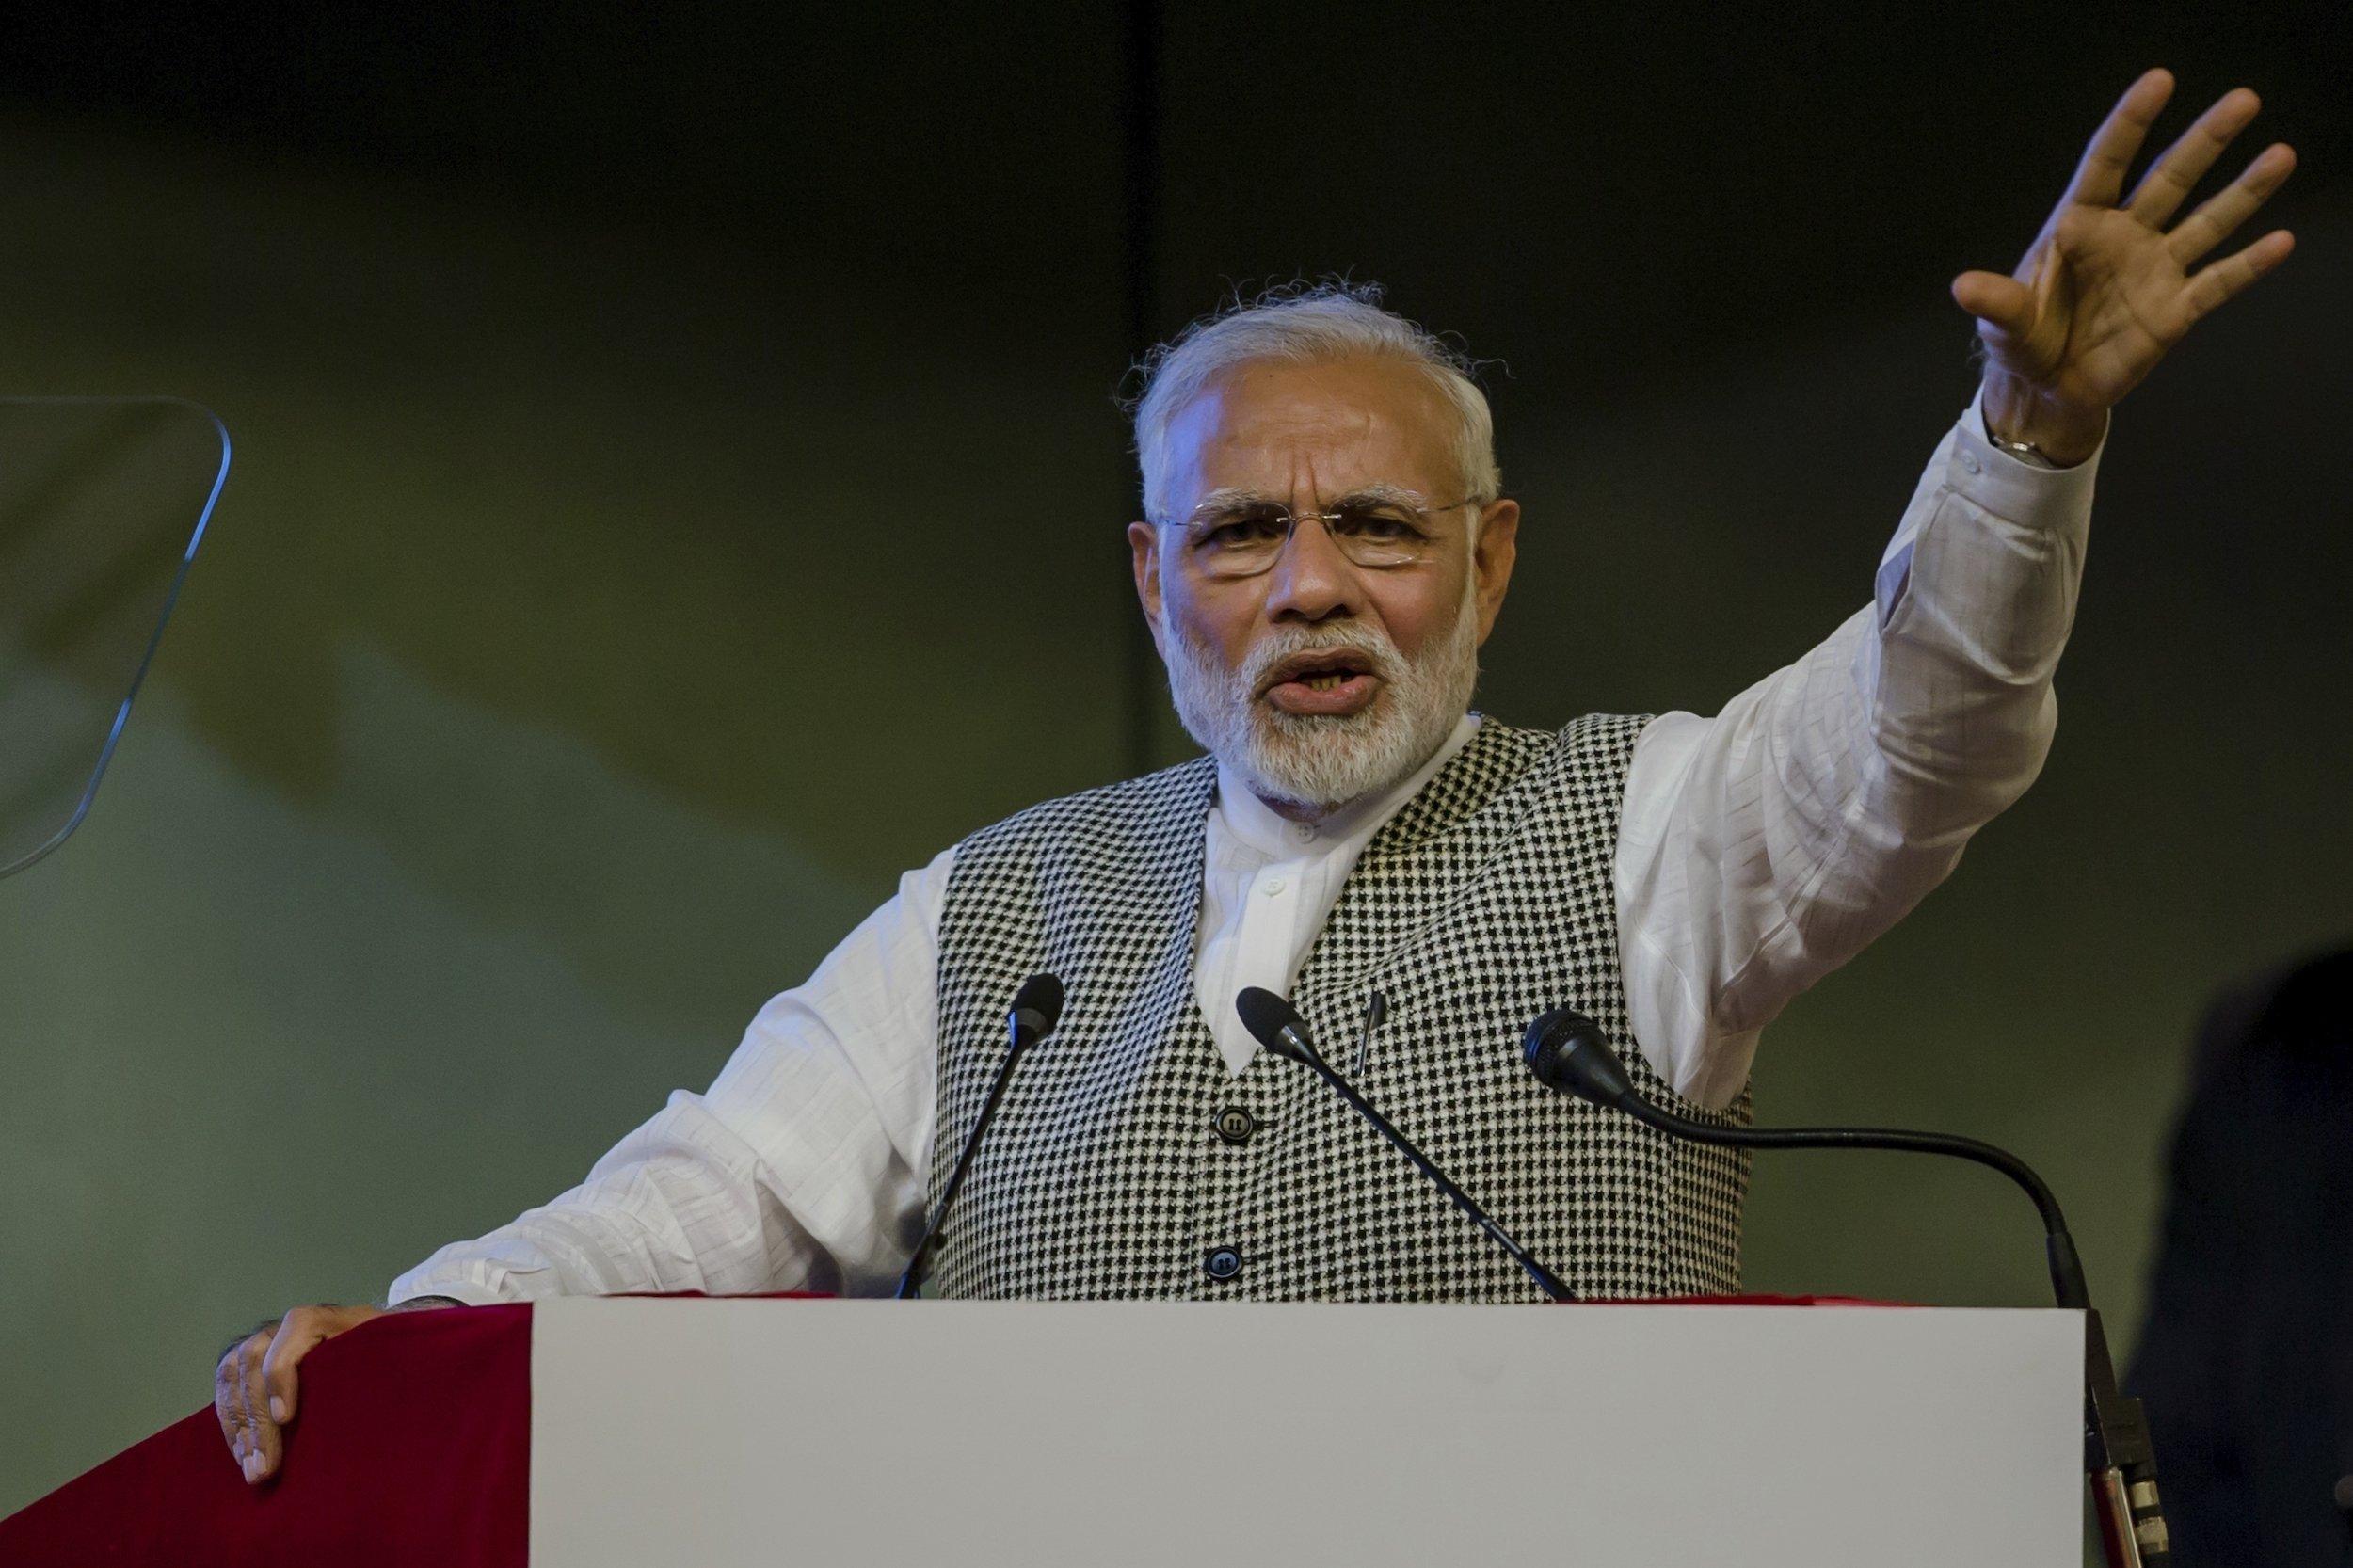 Modi am Rednerpult, er streckt seinen linken Arm nach oben